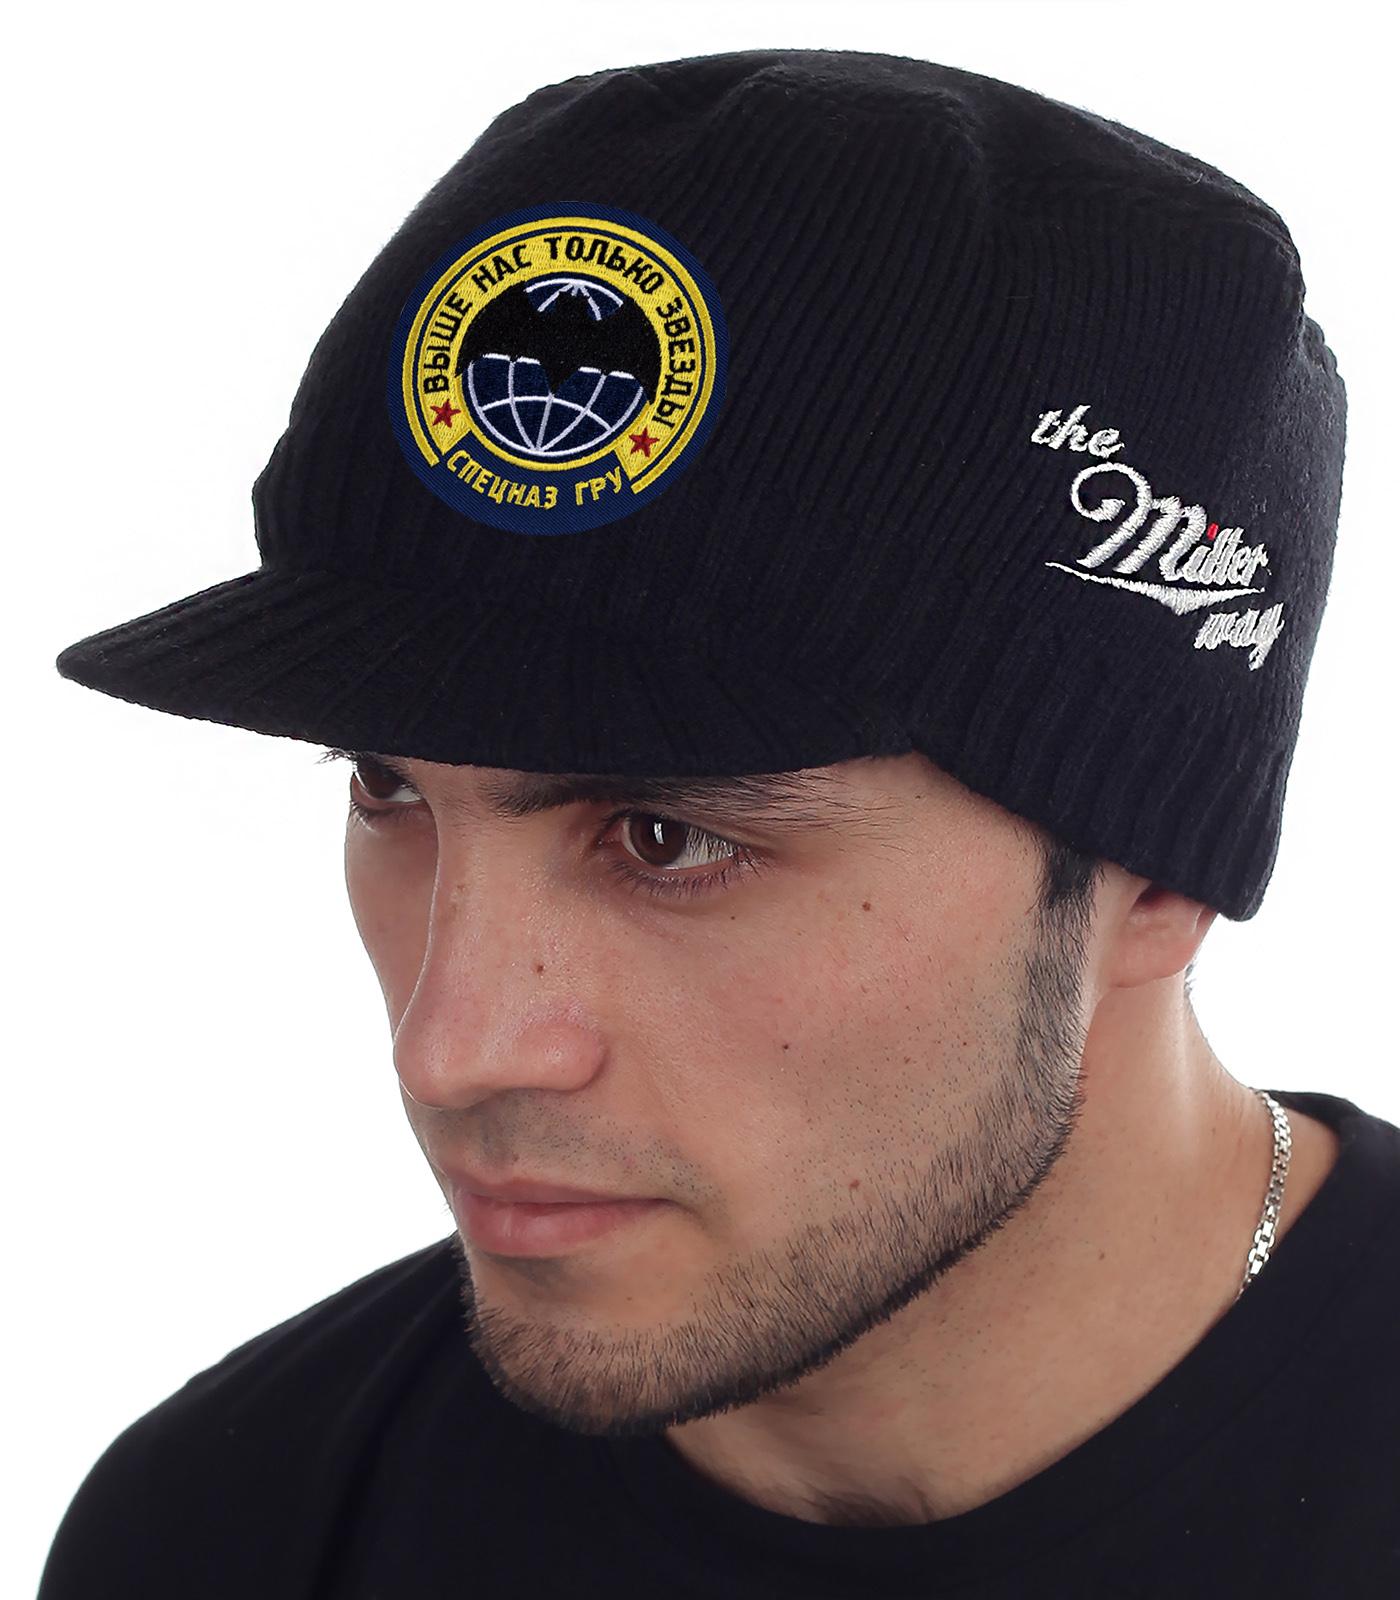 Исключительно для наших покупателей! Мужская кепка Miller Way сезона осень-зима с девизом Спецназа ГРУ – «Выше нас только звезды». Глубокая посадка, приятная пряжа, СУПЕР ЦЕНА!